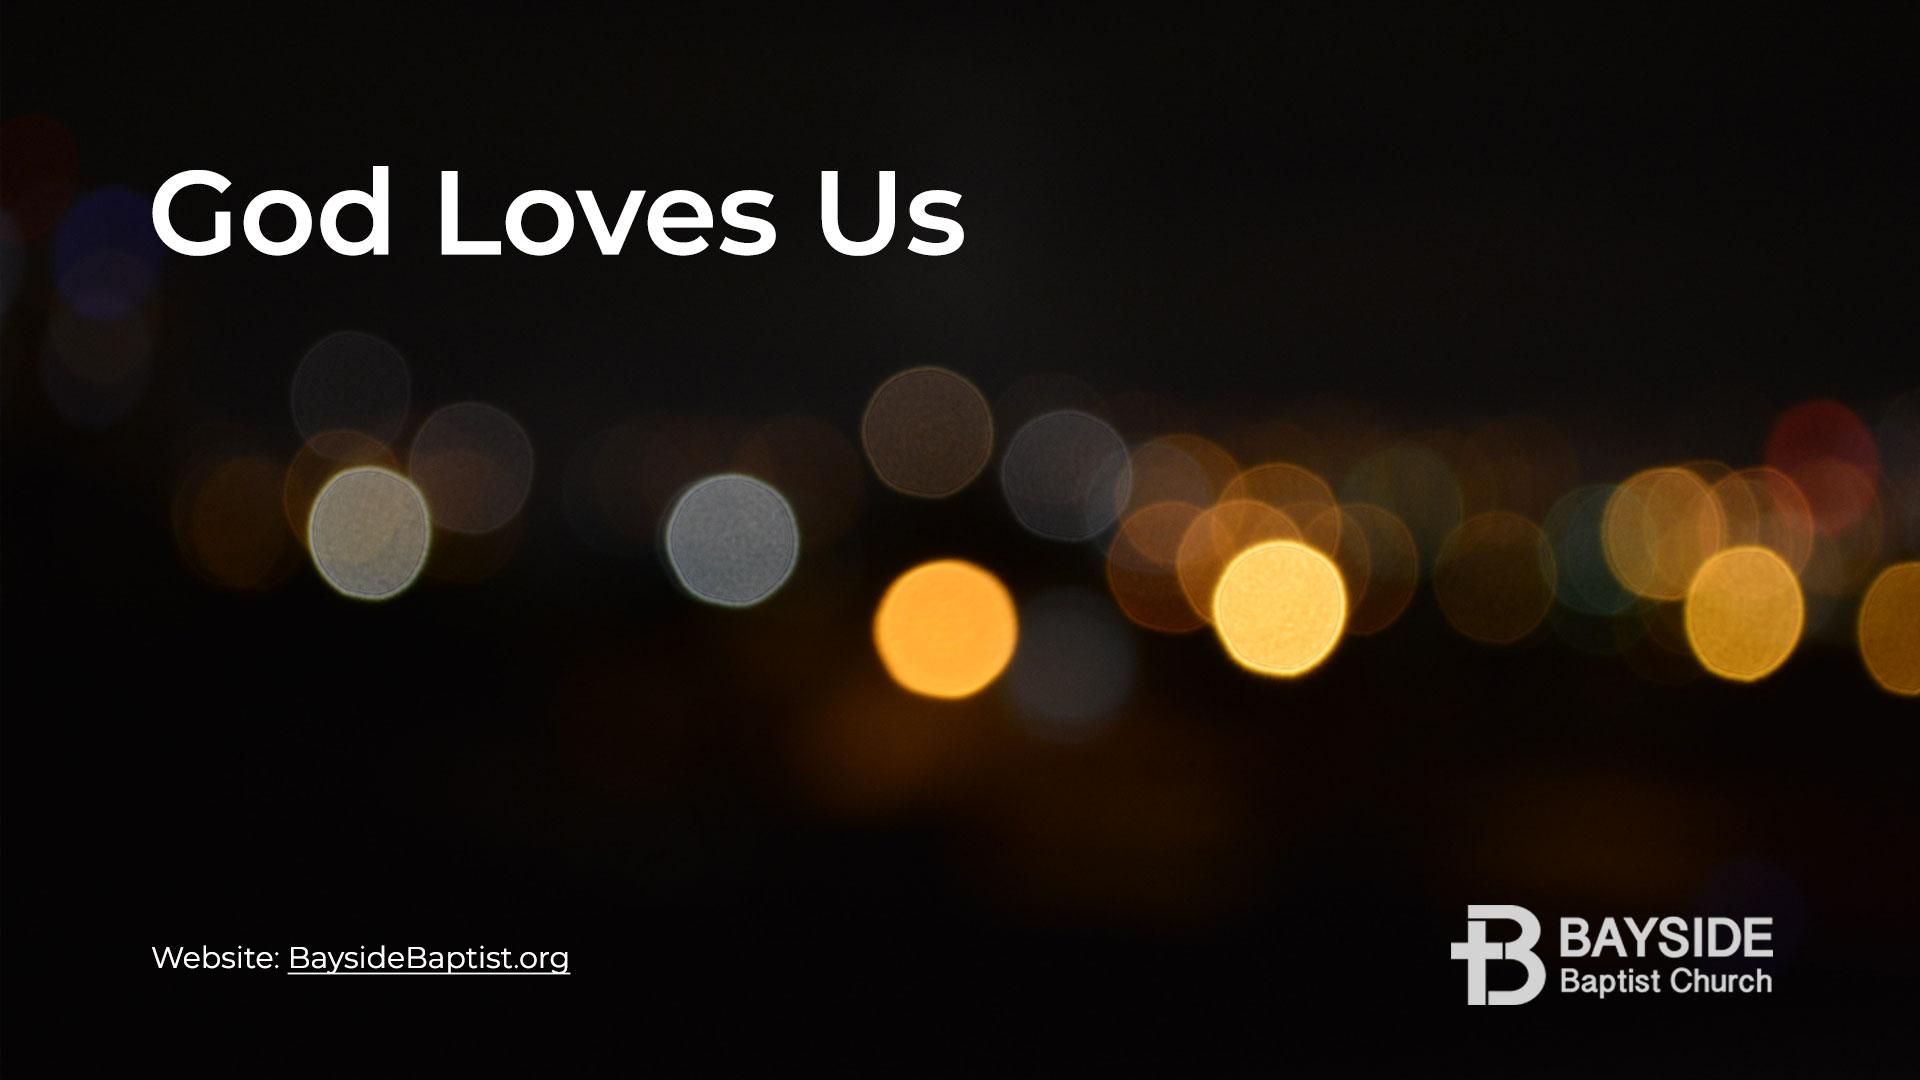 God Loves Us Image